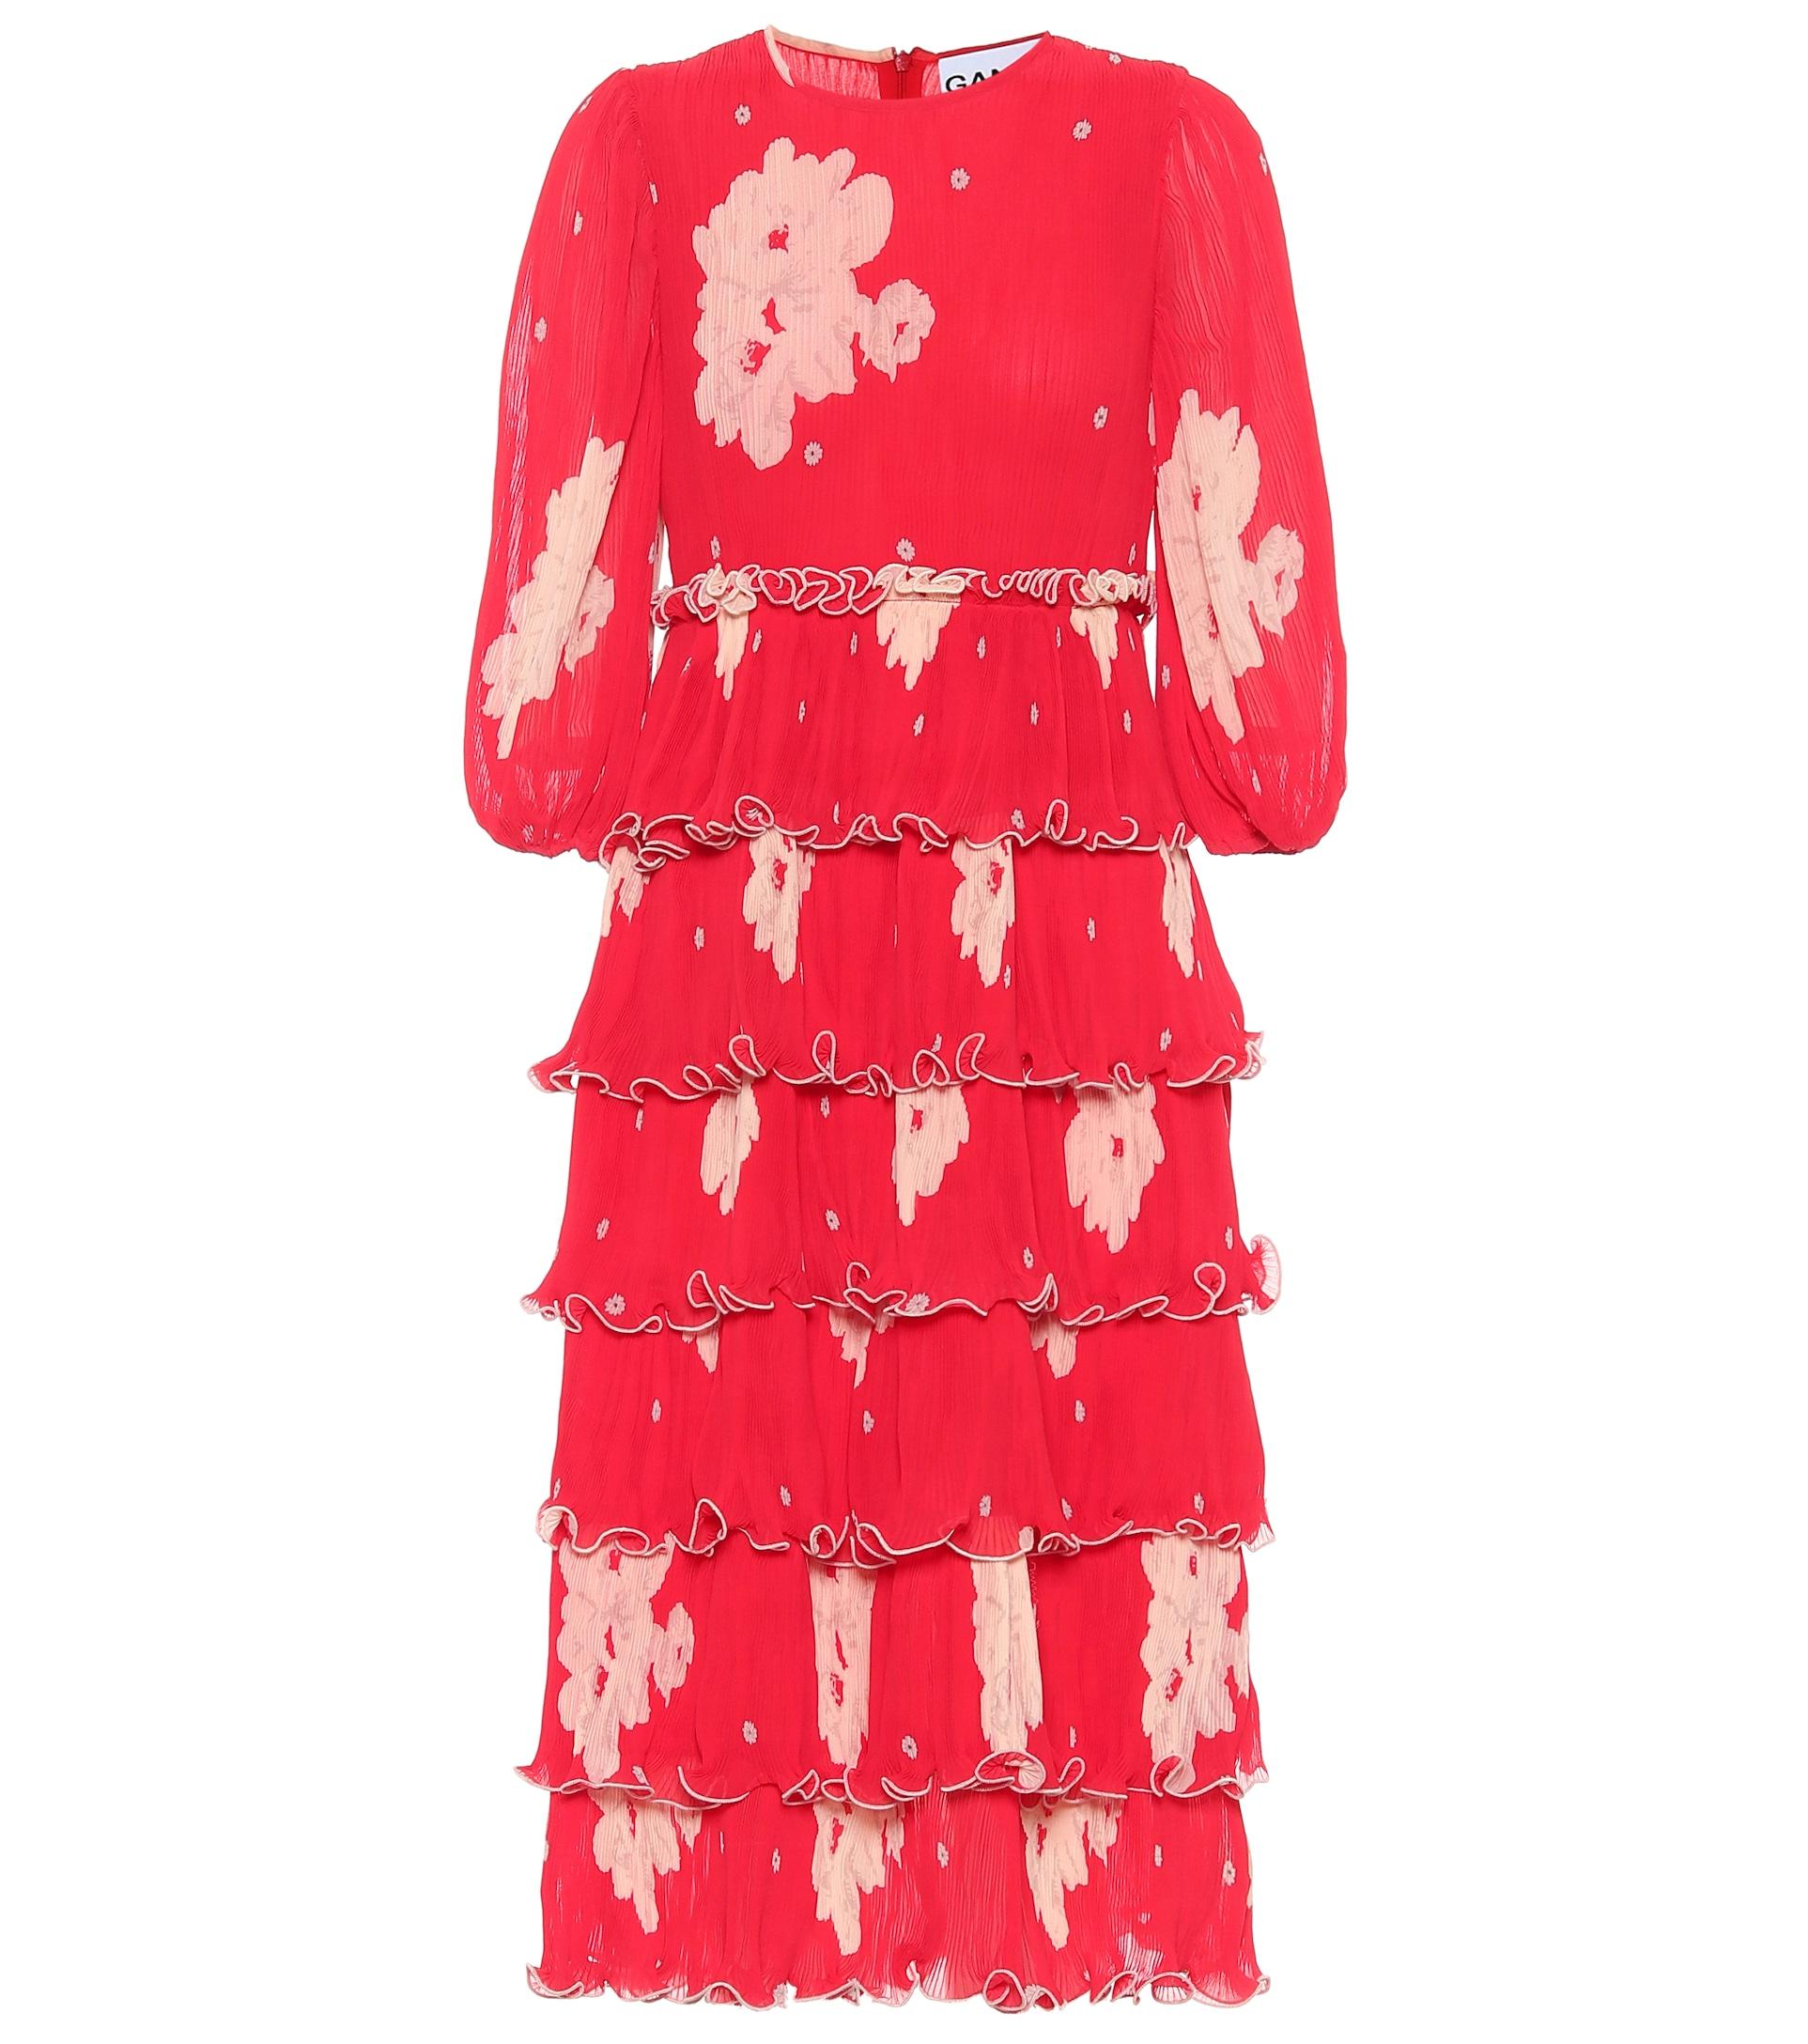 GANNI, Floral georgette midi dress, от 440лвна 219лв